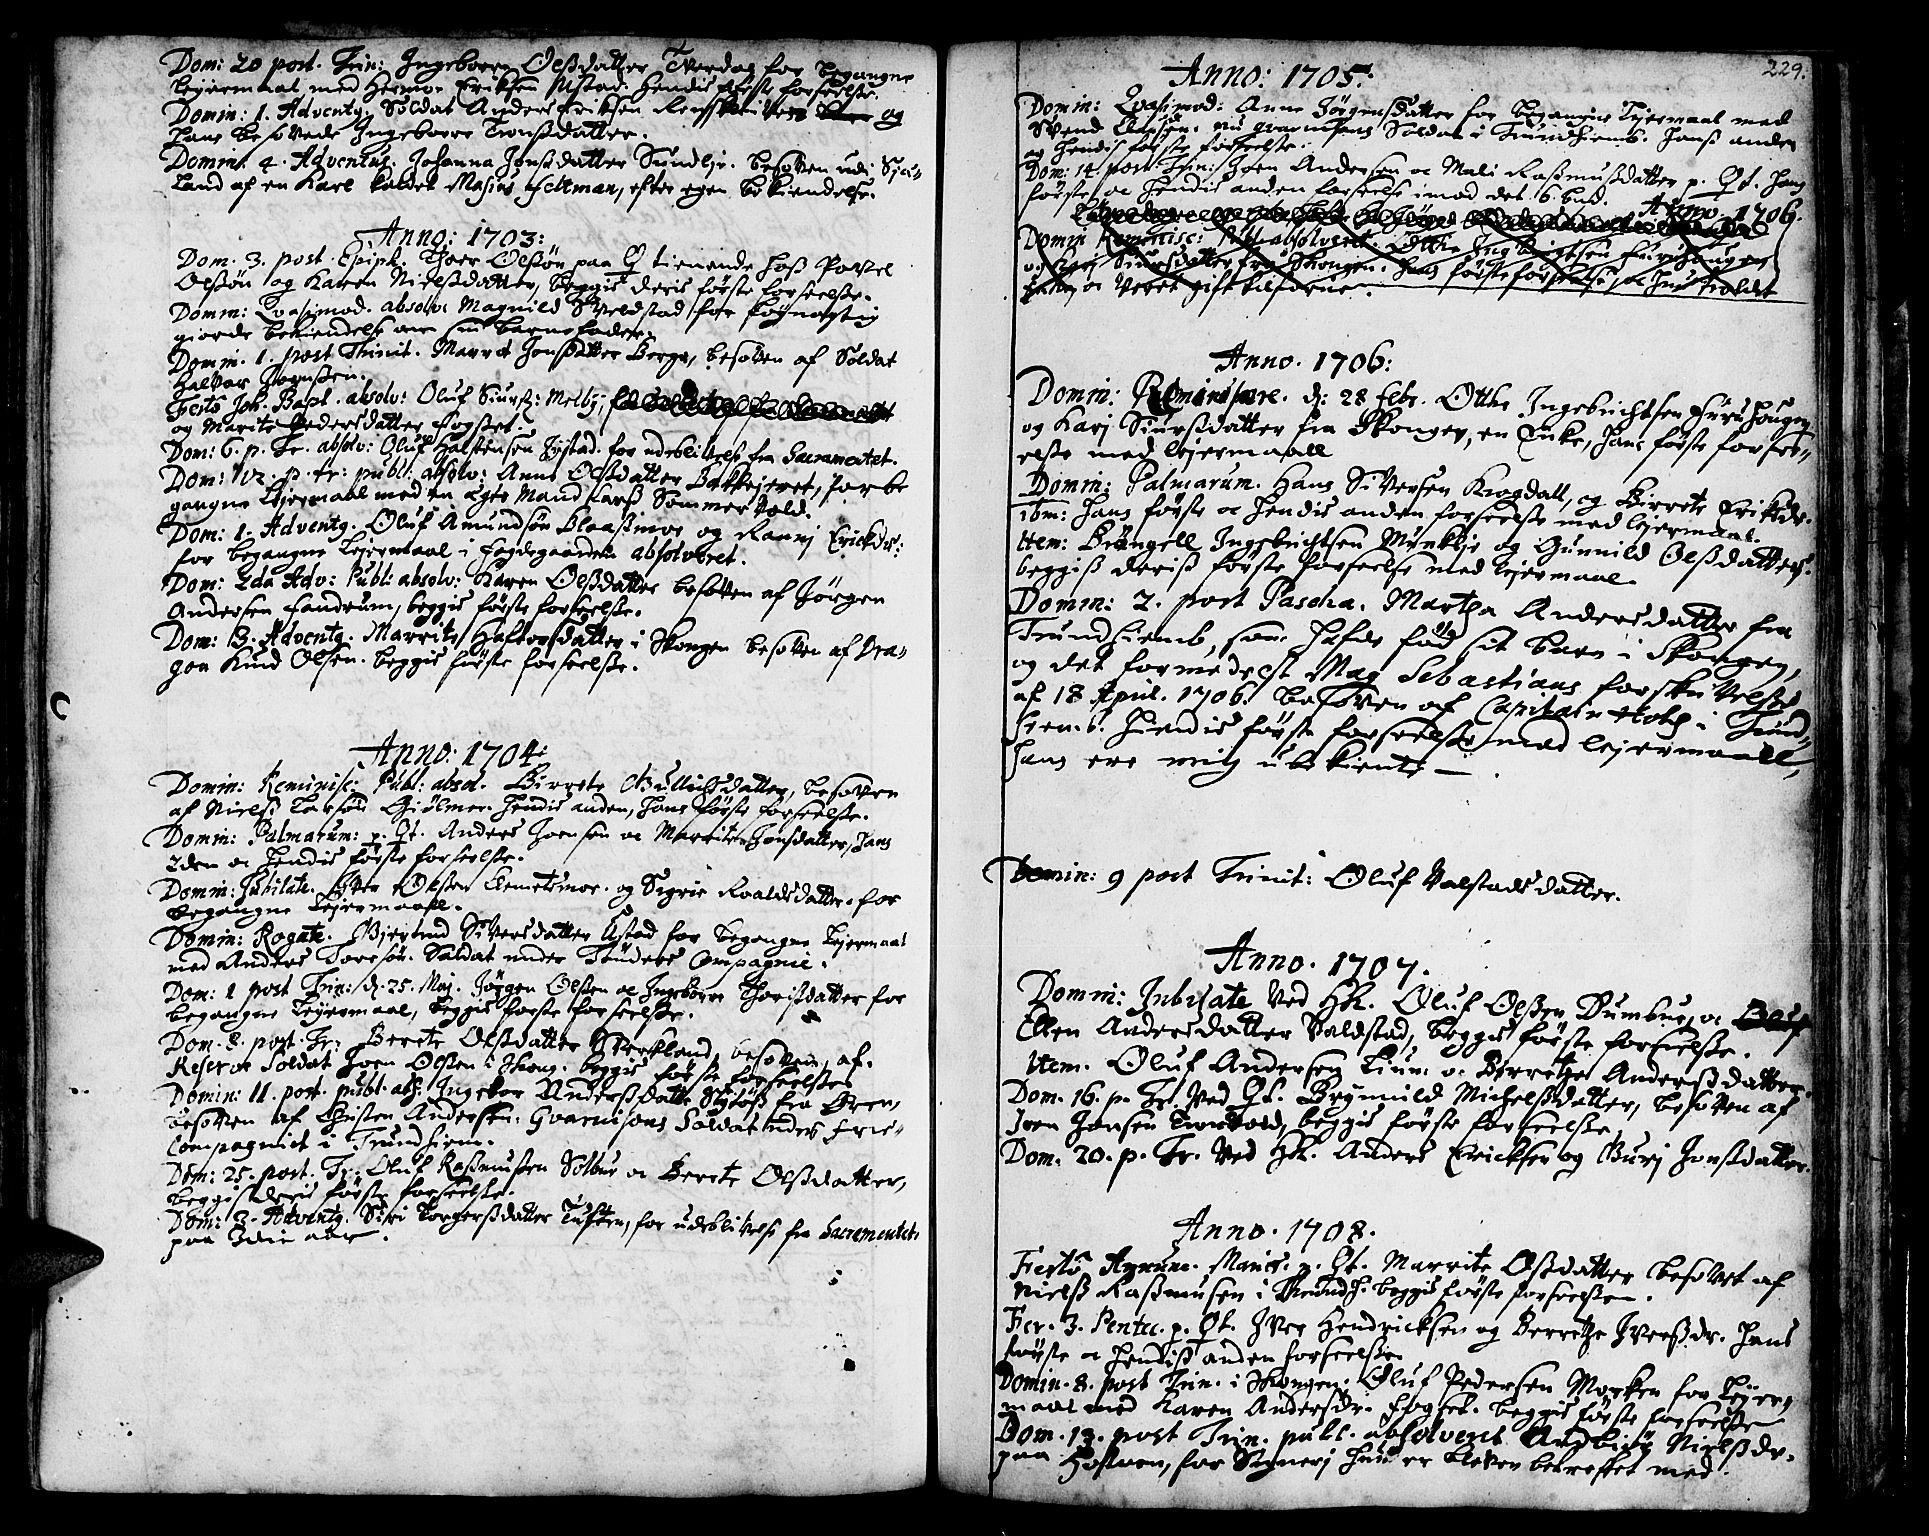 SAT, Ministerialprotokoller, klokkerbøker og fødselsregistre - Sør-Trøndelag, 668/L0801: Ministerialbok nr. 668A01, 1695-1716, s. 228-229